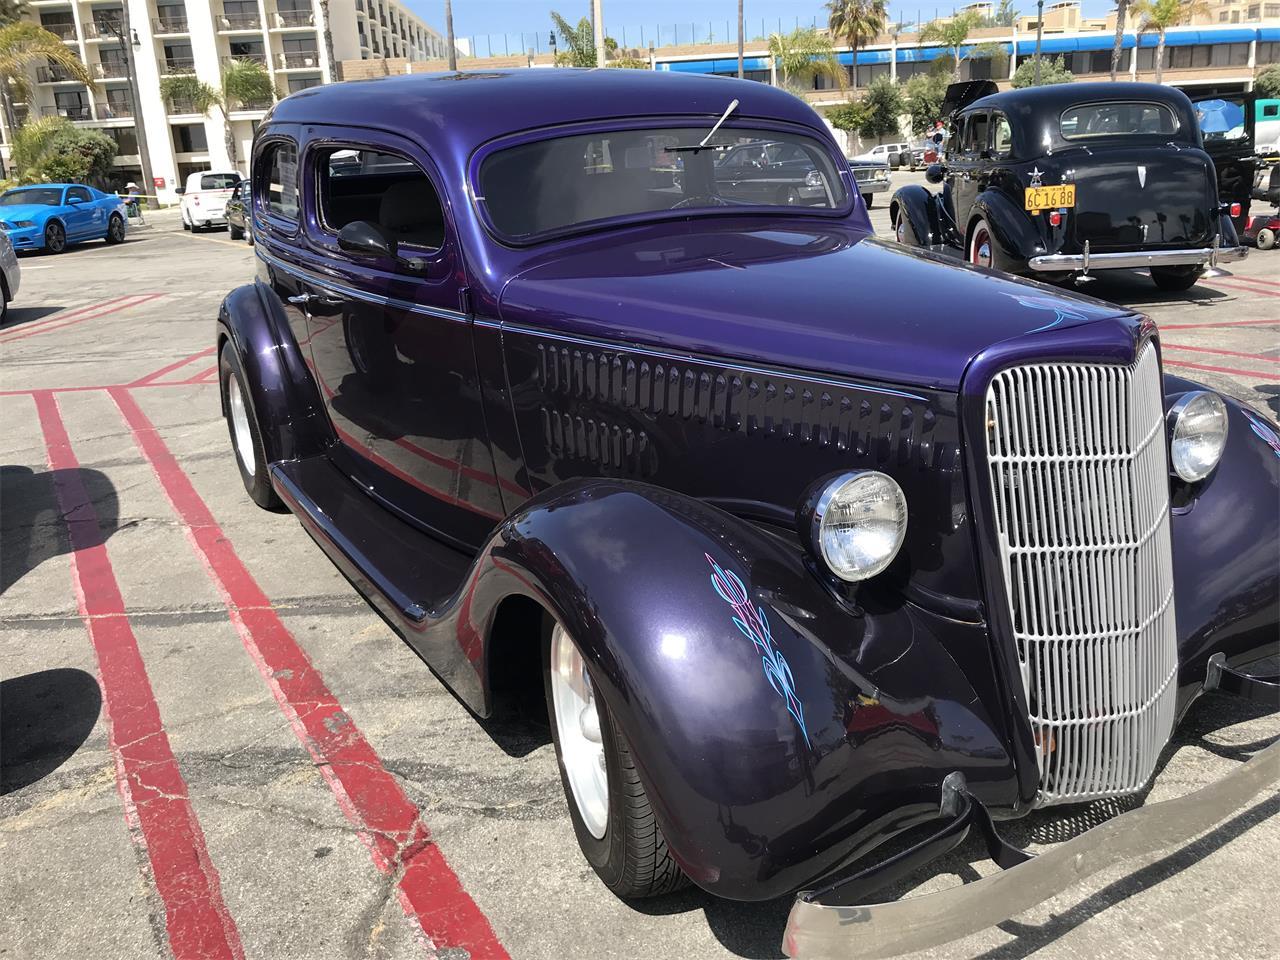 1935 Ford Tudor (CC-1103534) for sale in REDONDO BEACH, California